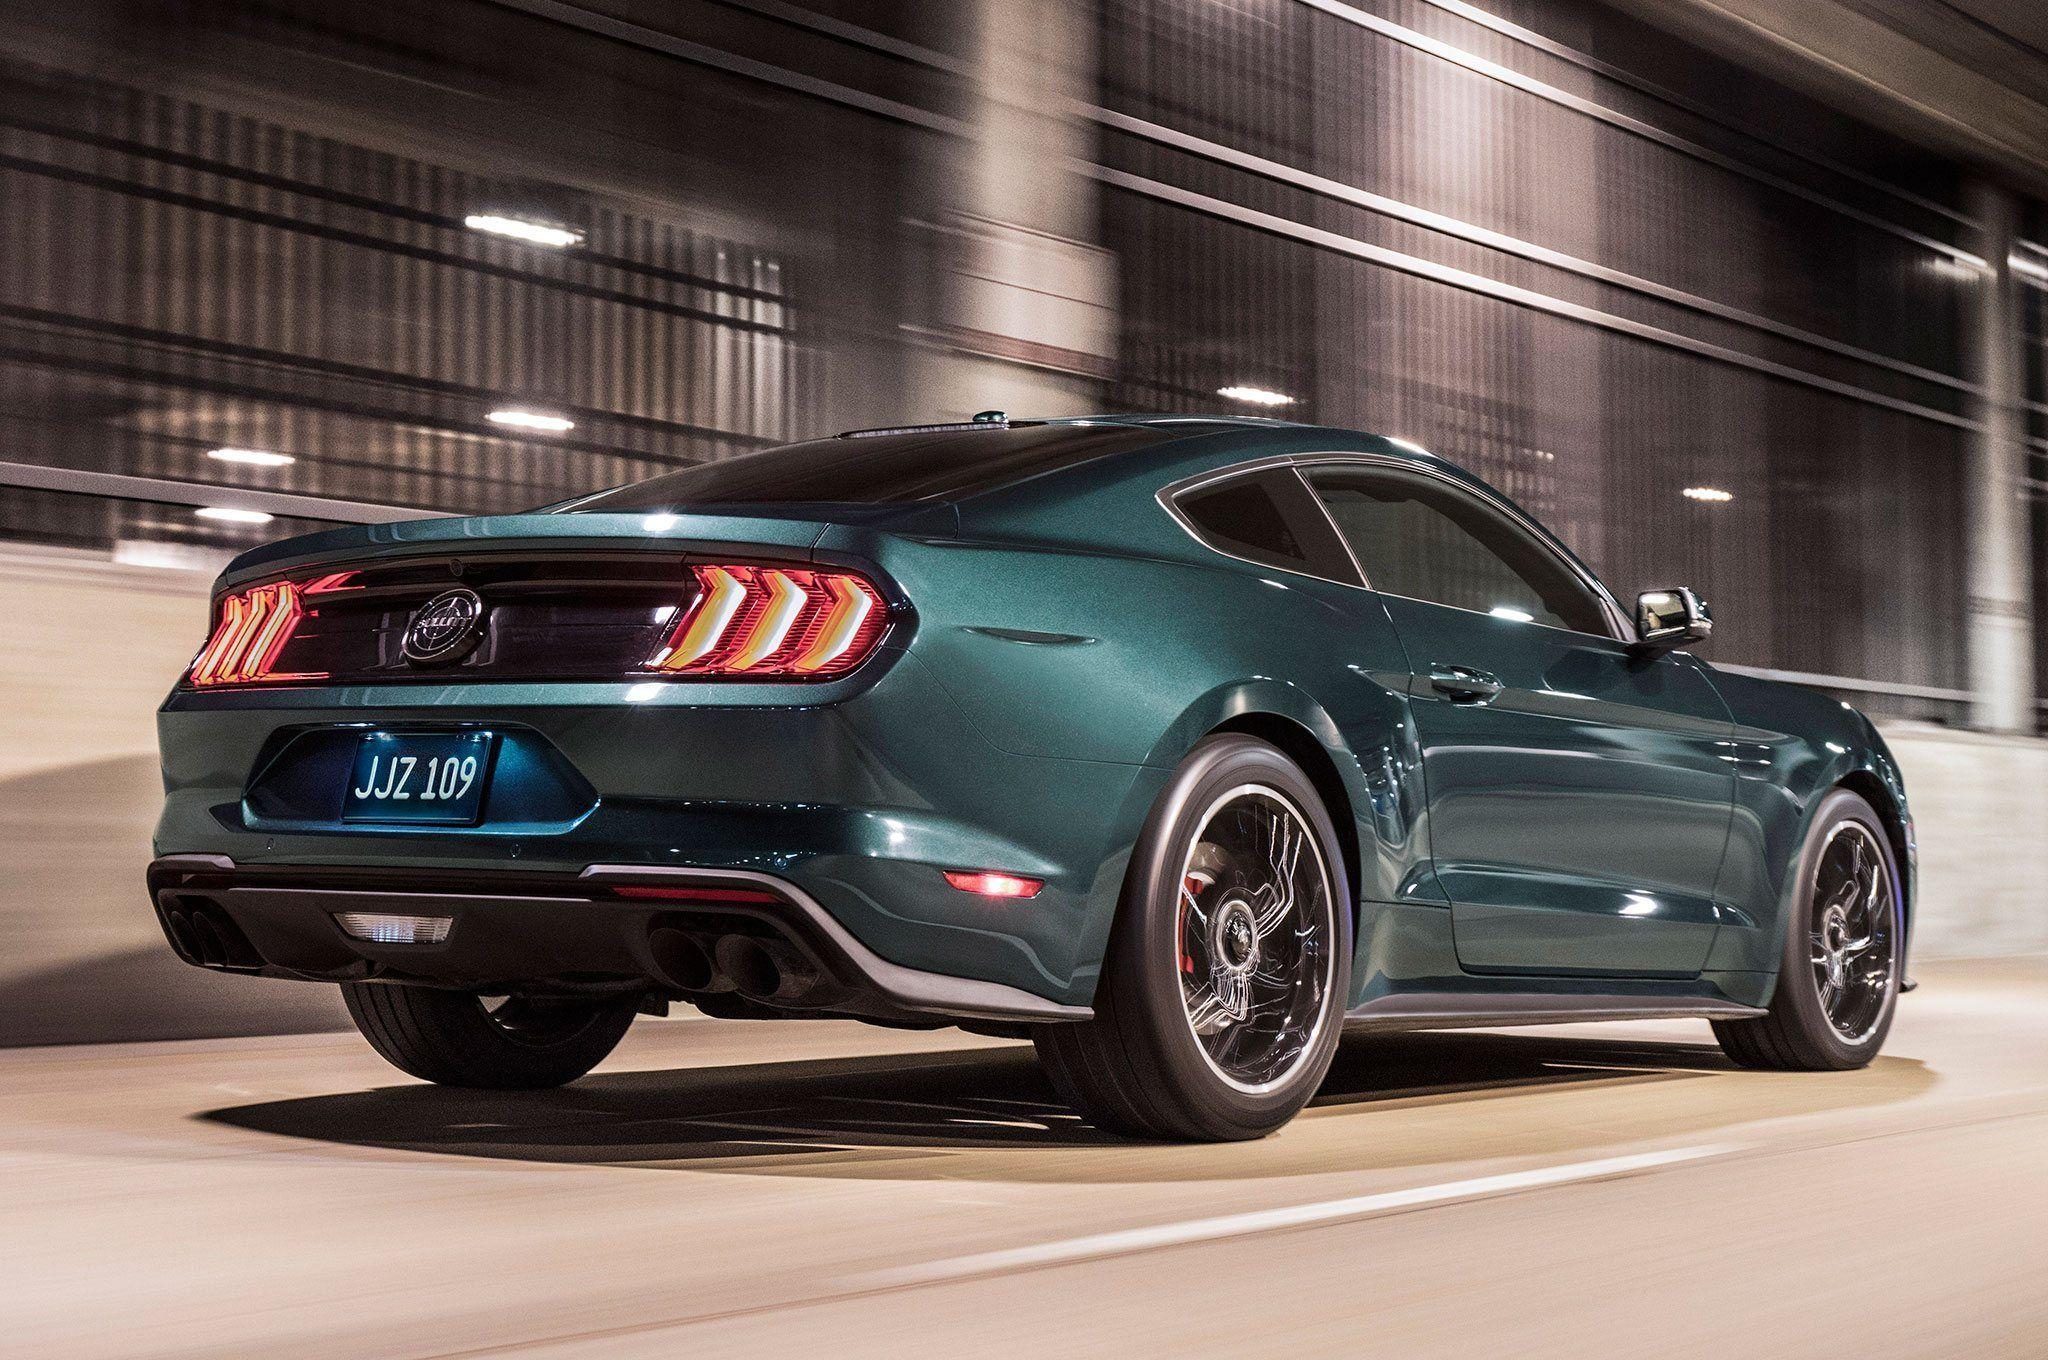 2020 Mustang Rocket Performance